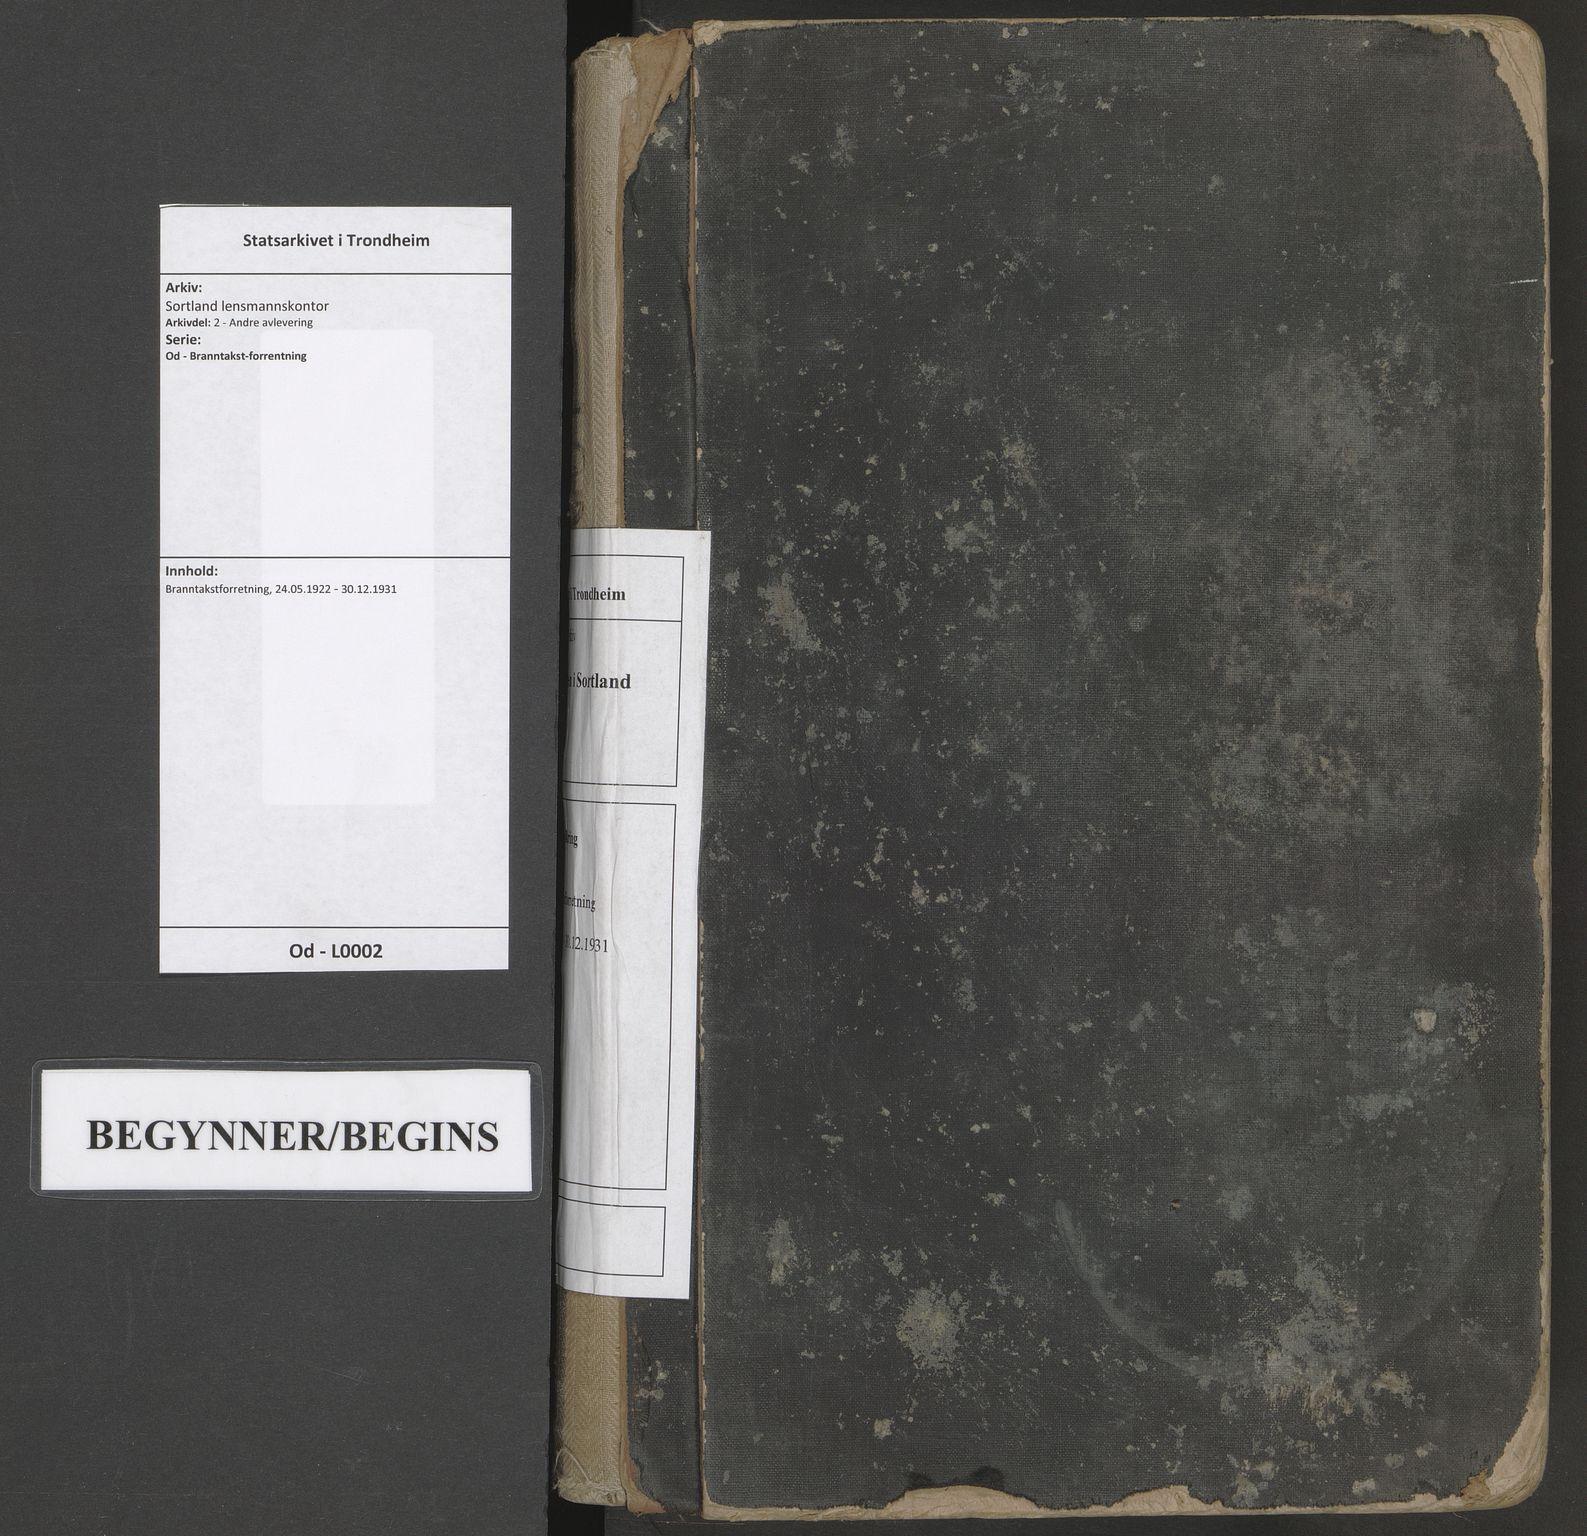 SAT, Sortland lensmannskontor, Od/L0002: Branntakstforretning, 1922-1931